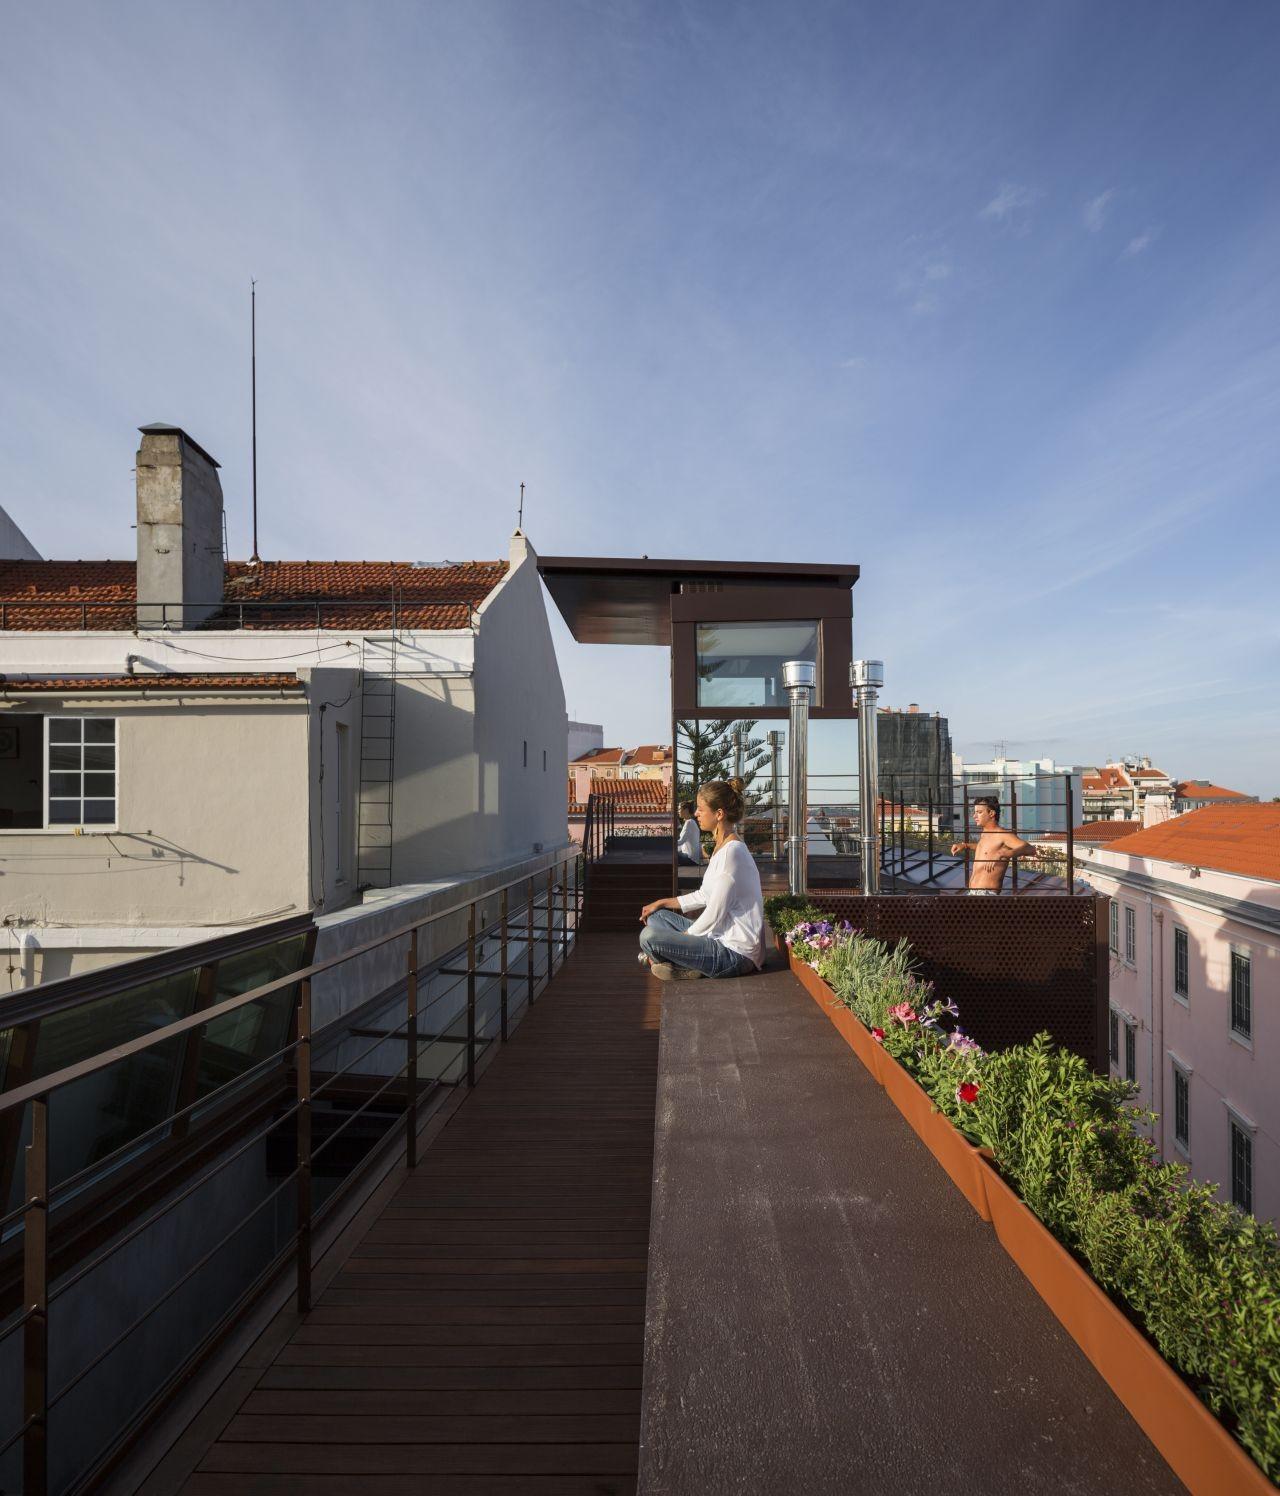 House in Travessa de Patrocinio / Madalena Rebelo de Andrade + Raquel Jorge + Carlos Ruas& Tiago Moniz